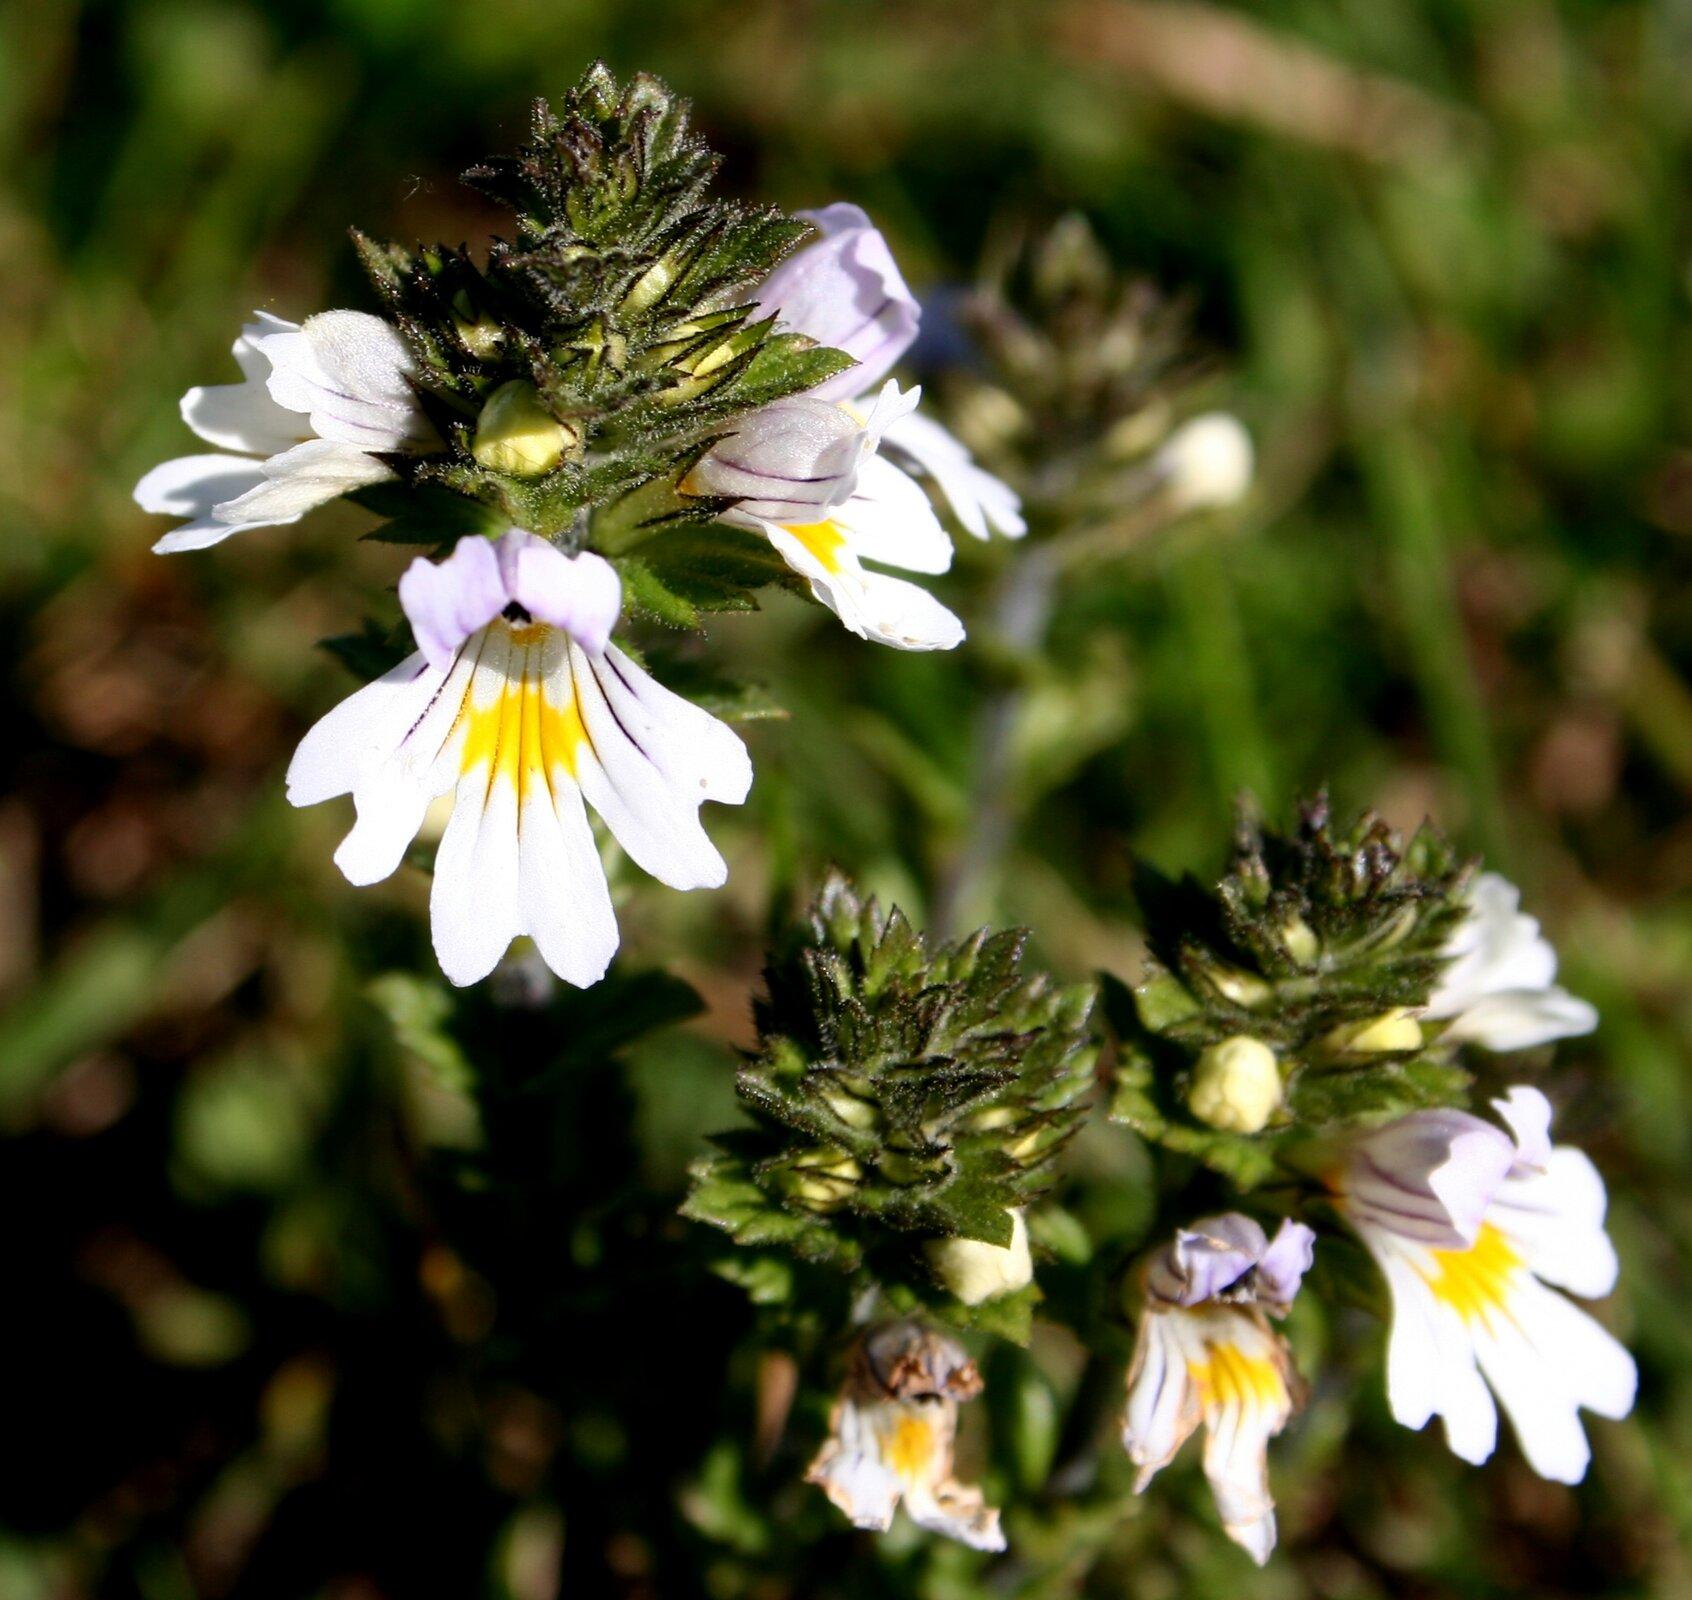 Fotografia przedstawia duże zbliżenie kwiatów świetlika łąkowego. Są grzbieciste, biały płatek dolny zżółtą plamką. Niektóre kwiaty jeszcze wpąkach.